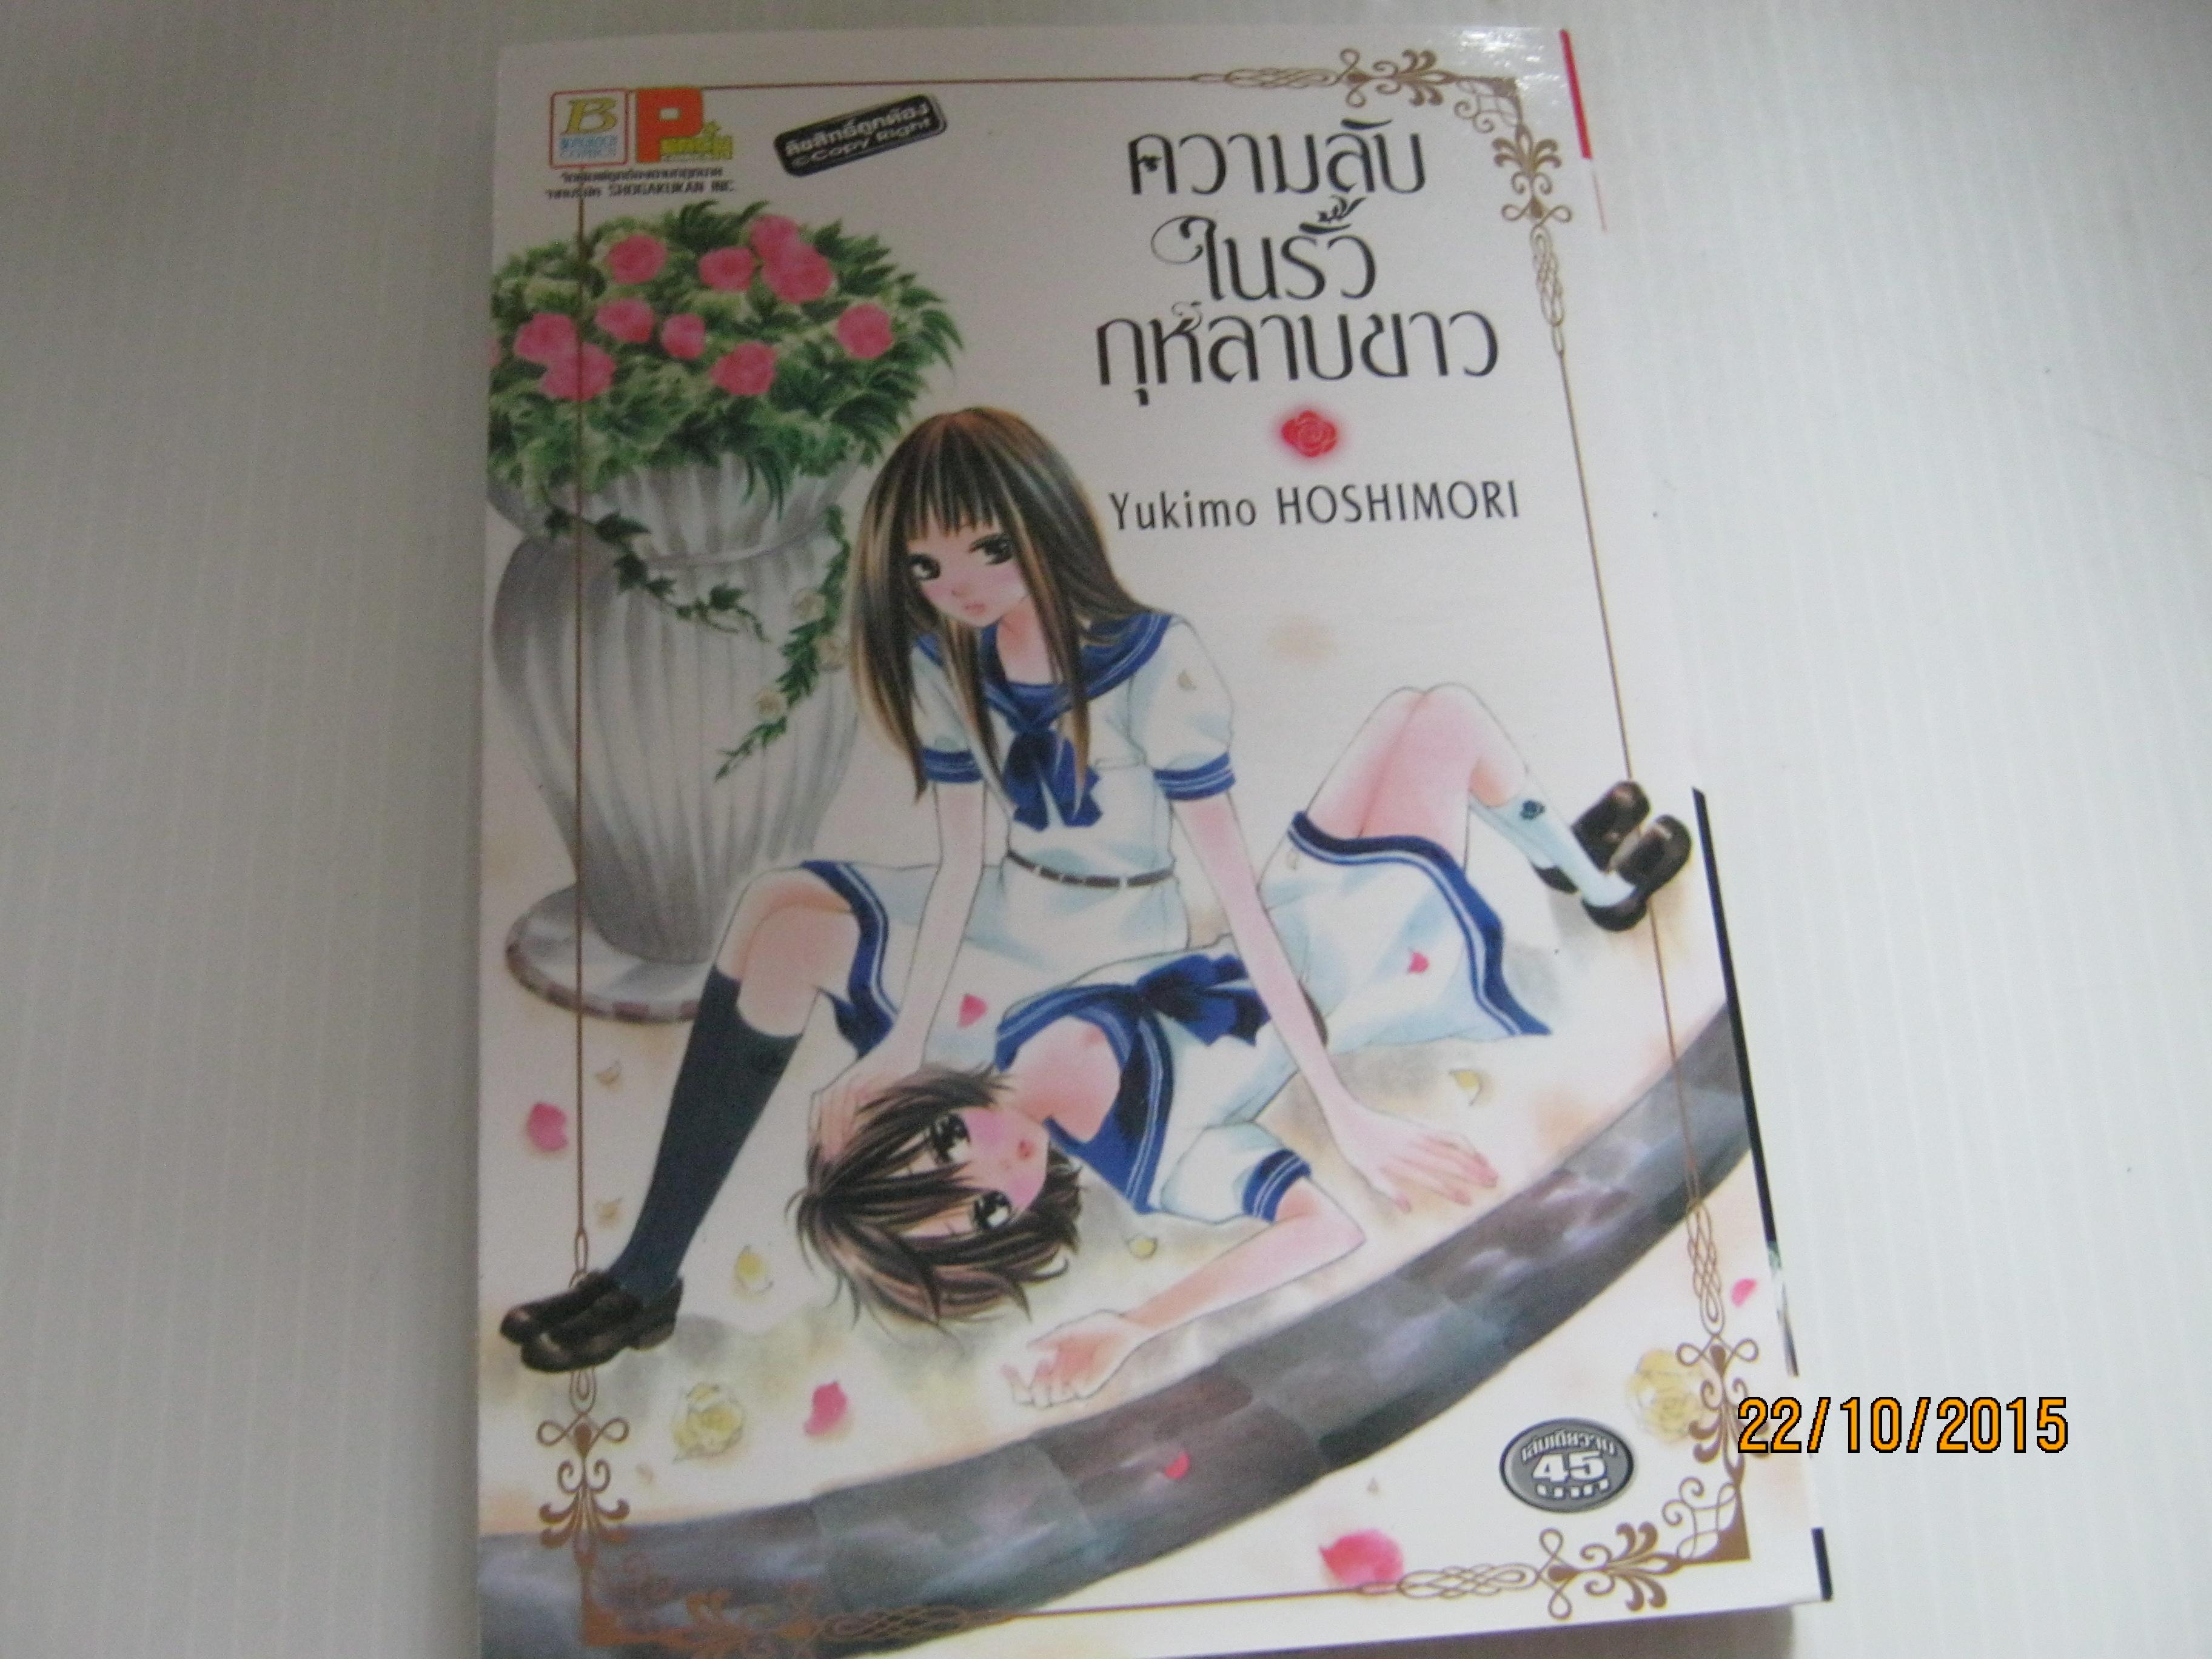 ความลับในรั้วกุหลาบขาว เล่มเดียวจบ Yukimo Hoshimori เขียน